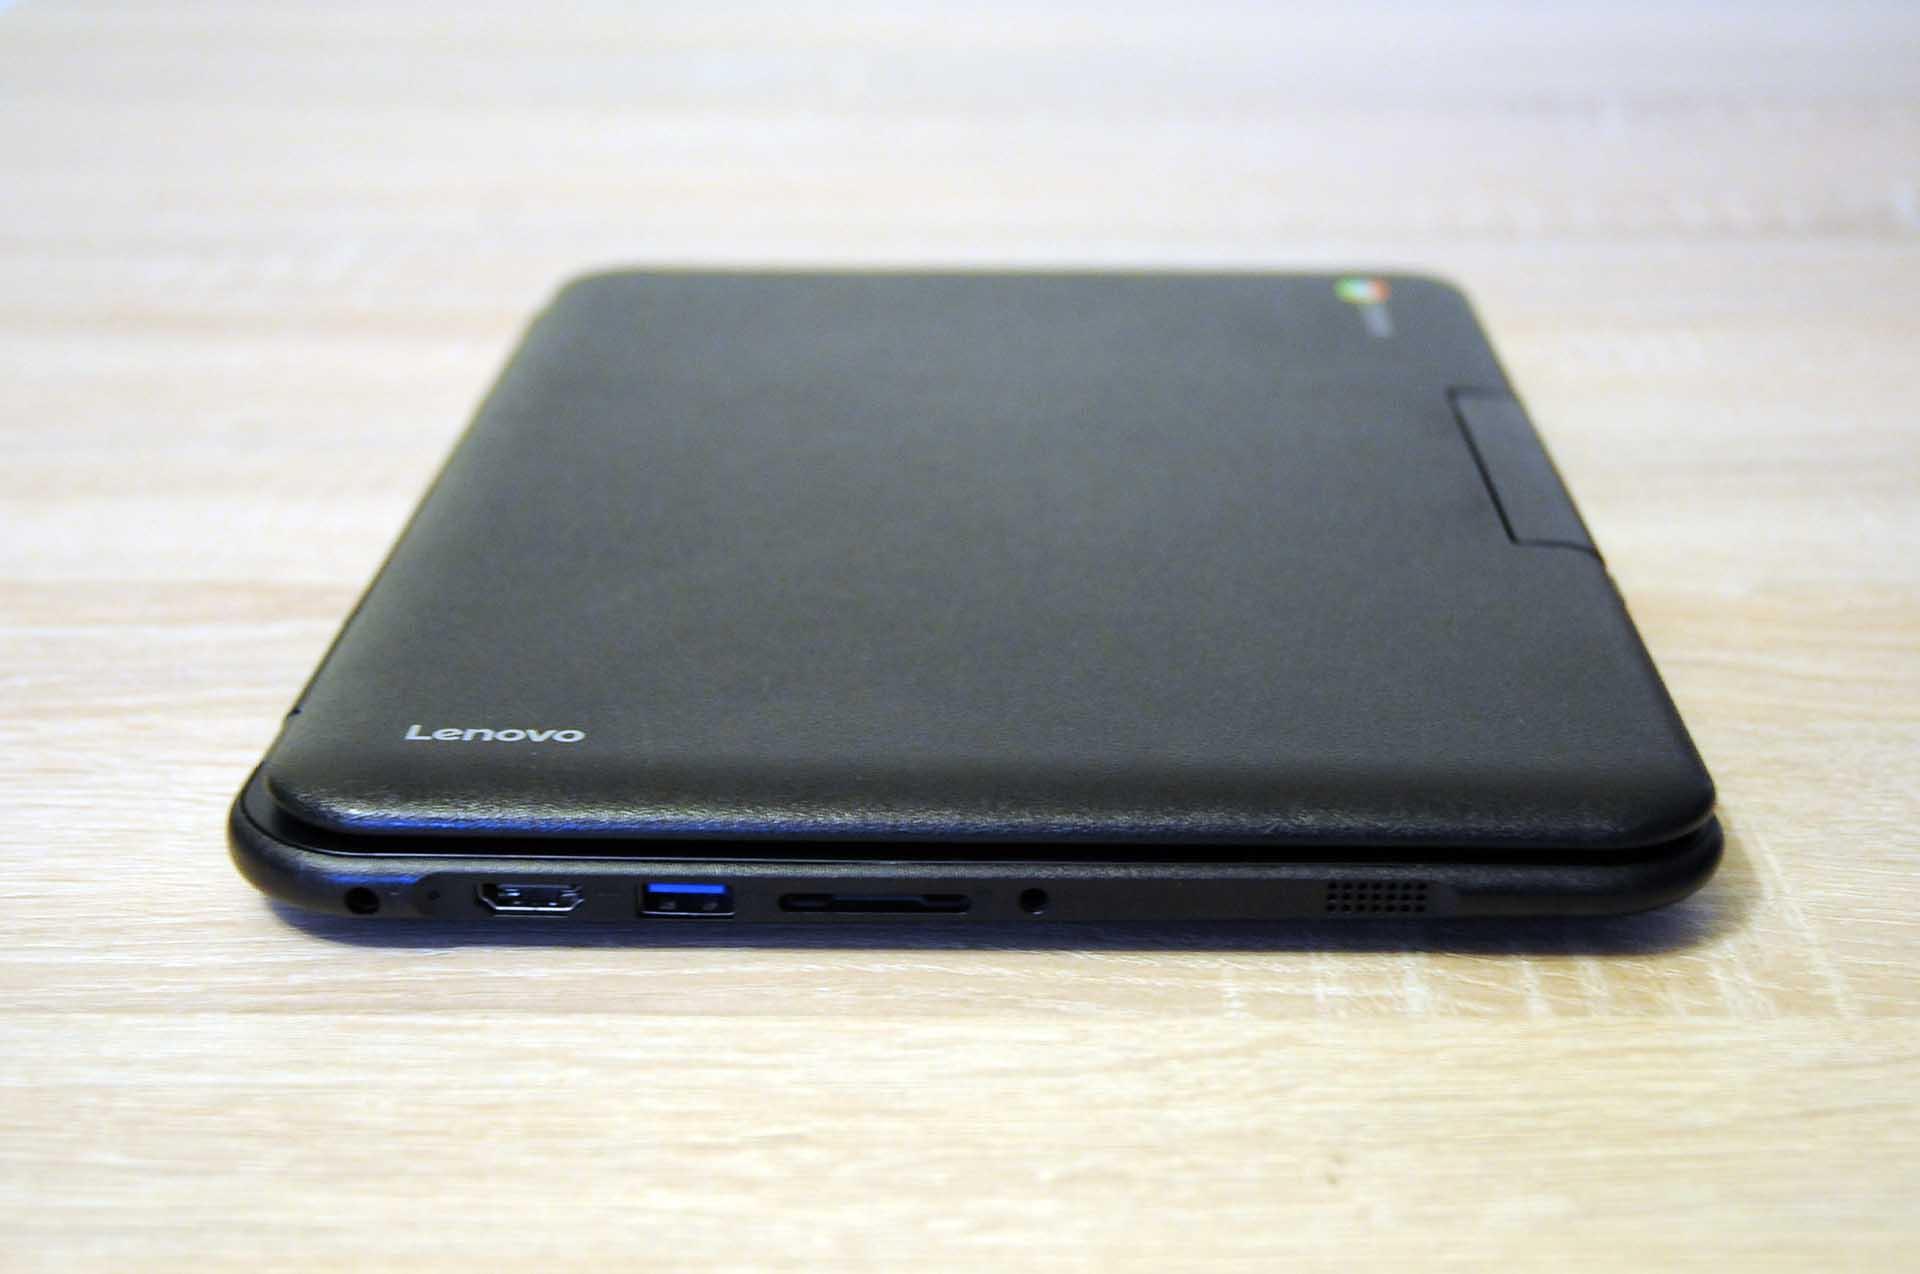 Chromebook Lenovo N22